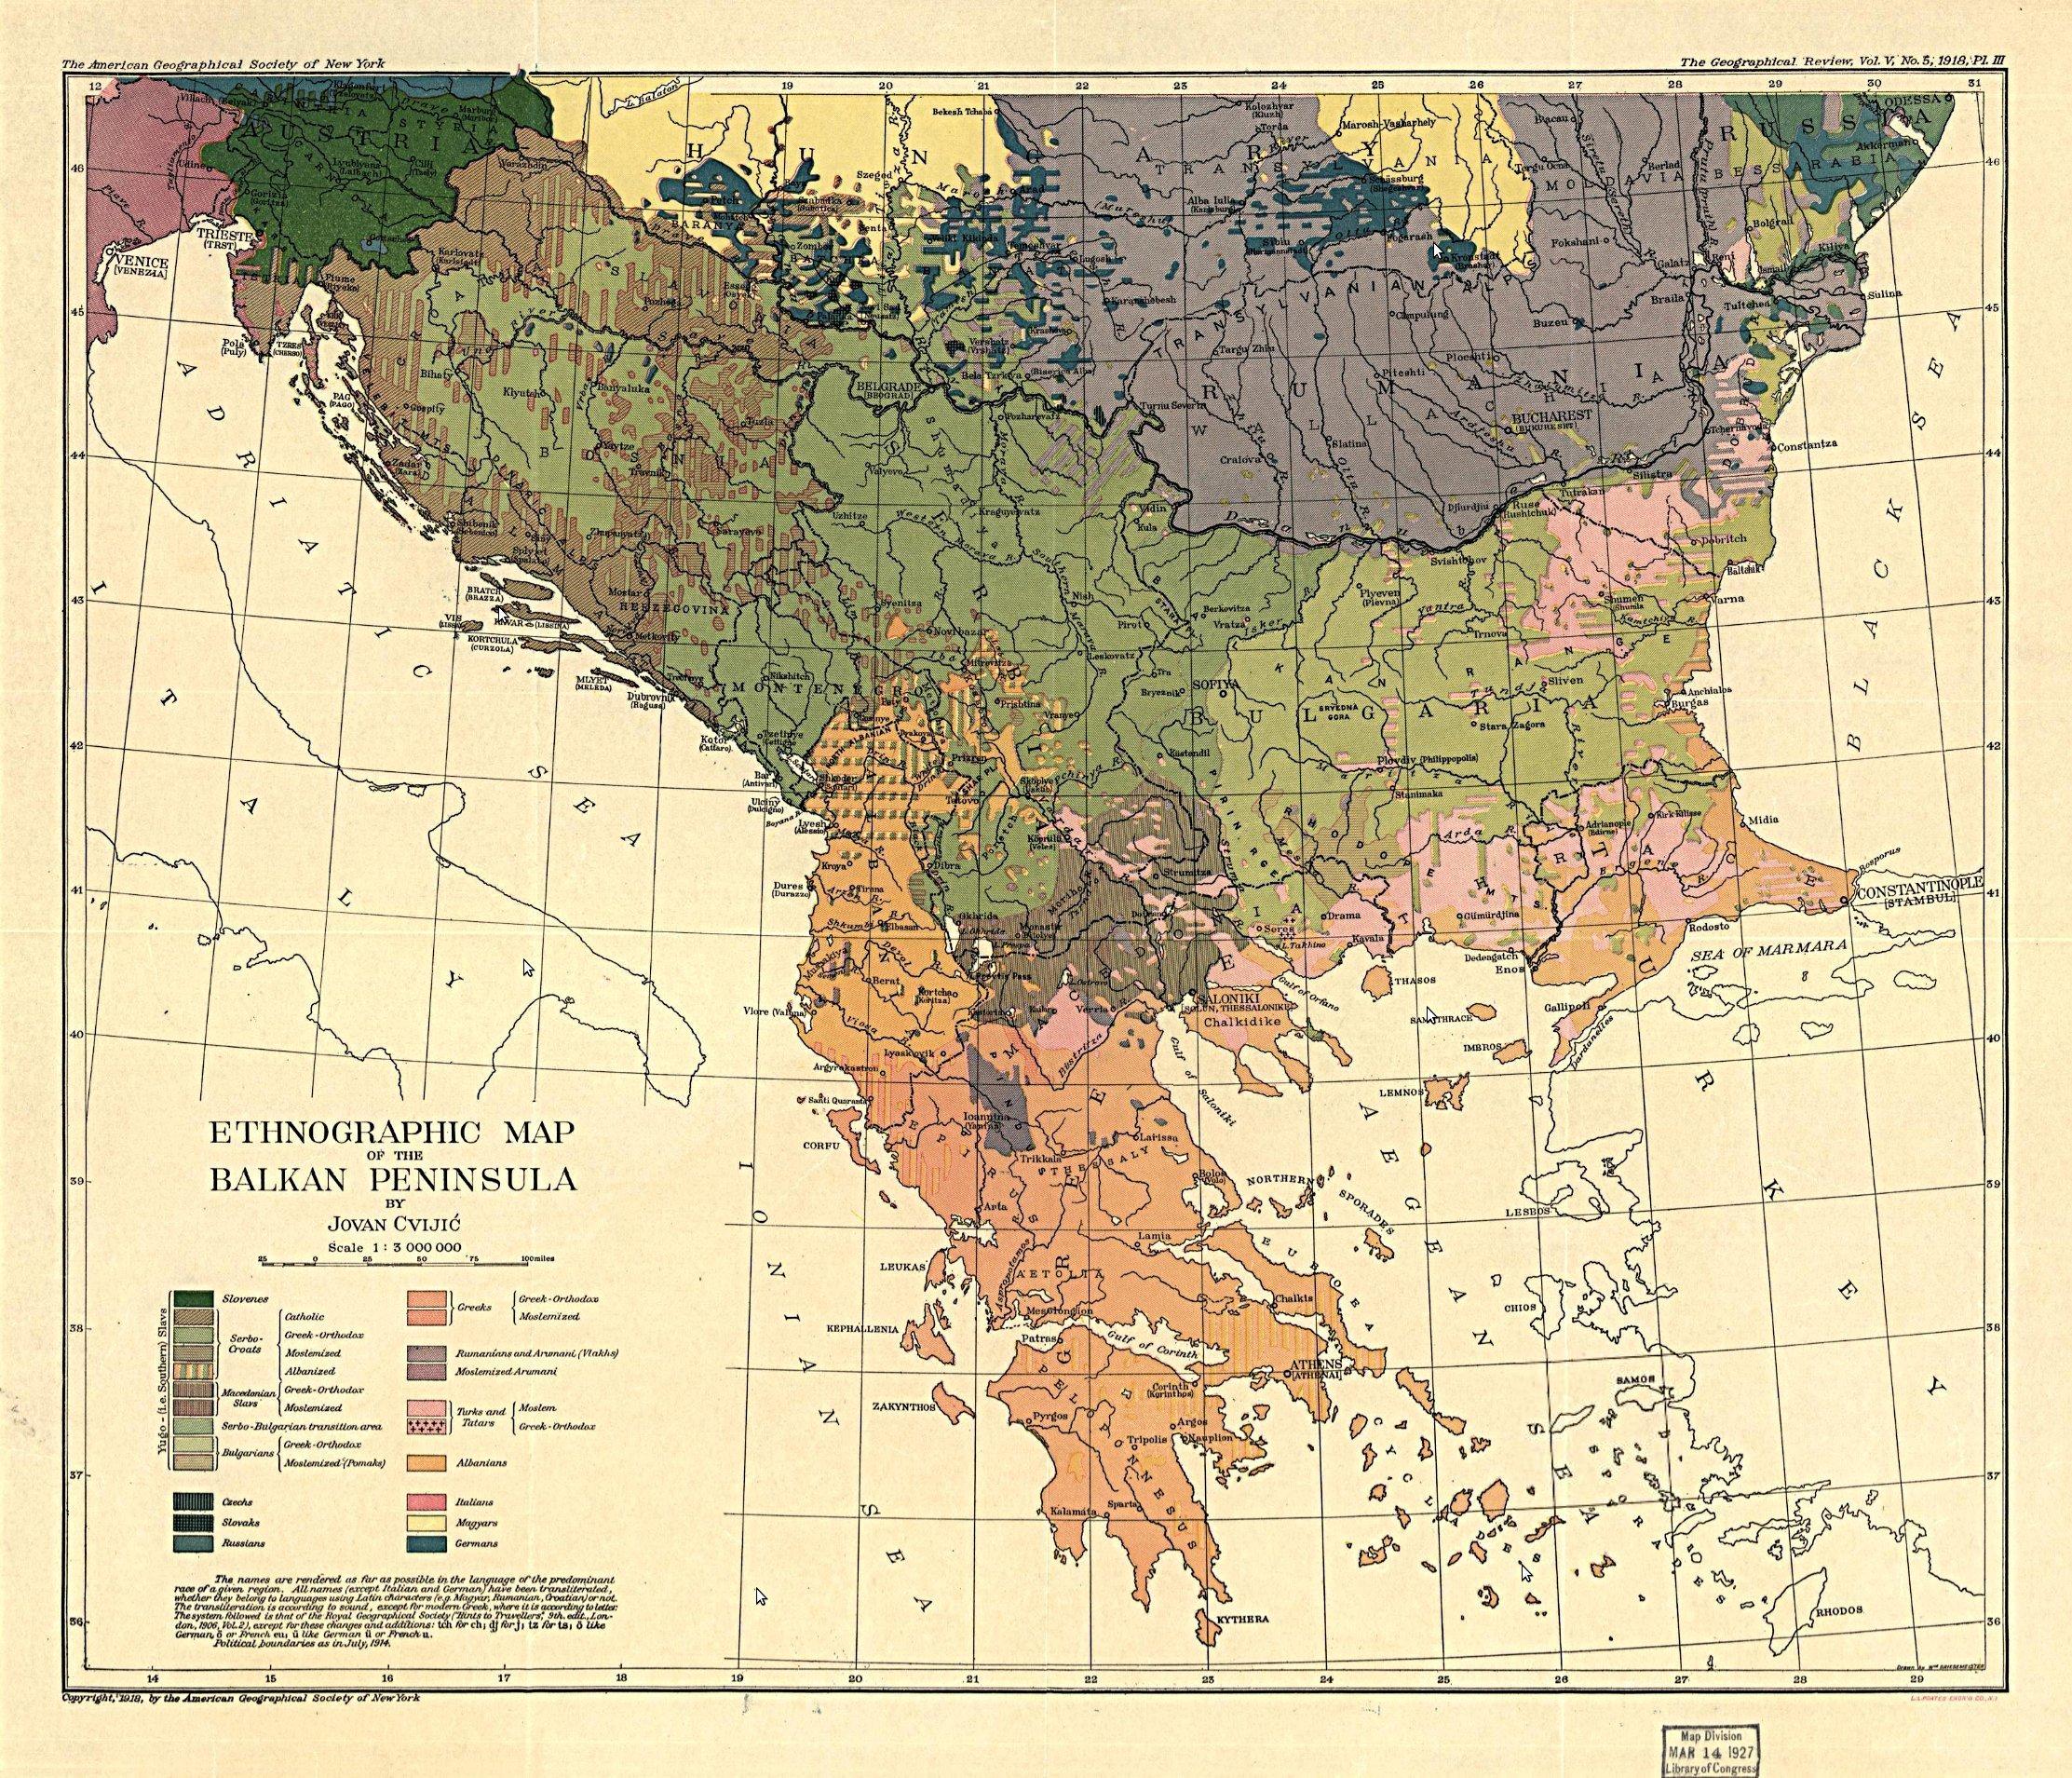 Этнографическая карта Балкан, 1918 г. maps, балканы, картографическая подборка, картография, карты, карты Балкан